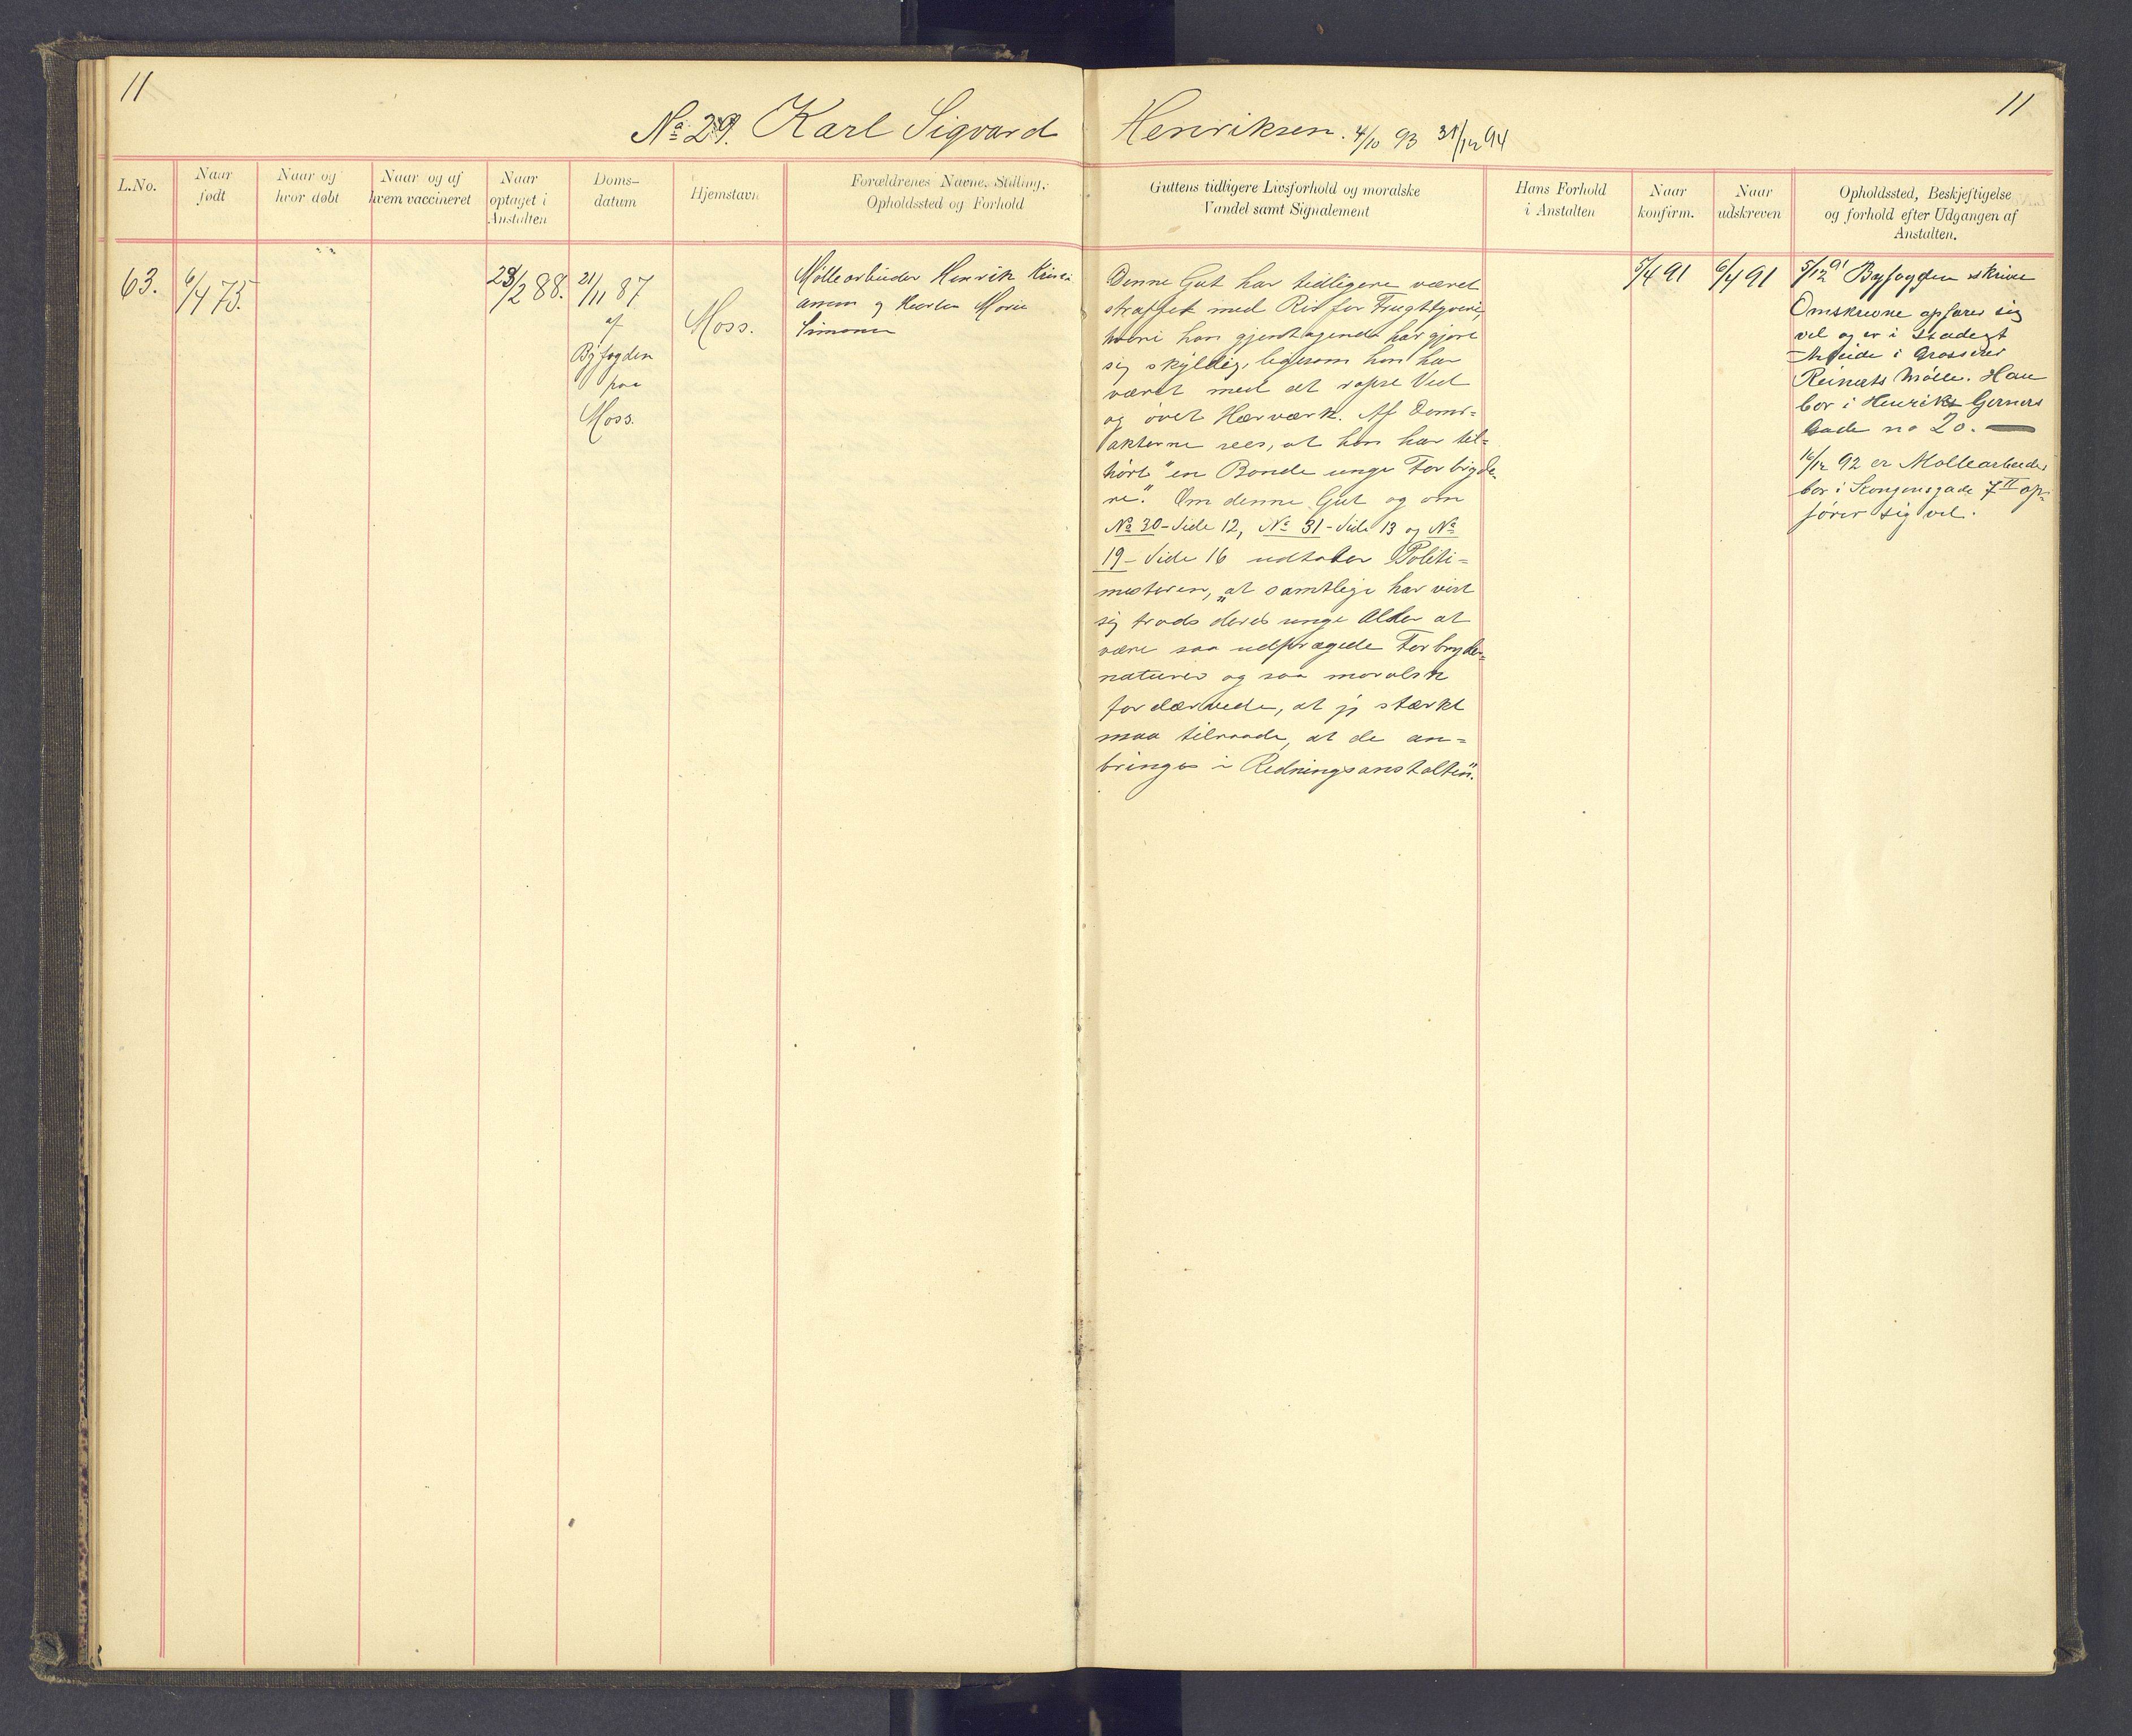 SAH, Toftes Gave, F/Fc/L0003: Elevprotokoll, 1886-1897, s. 11